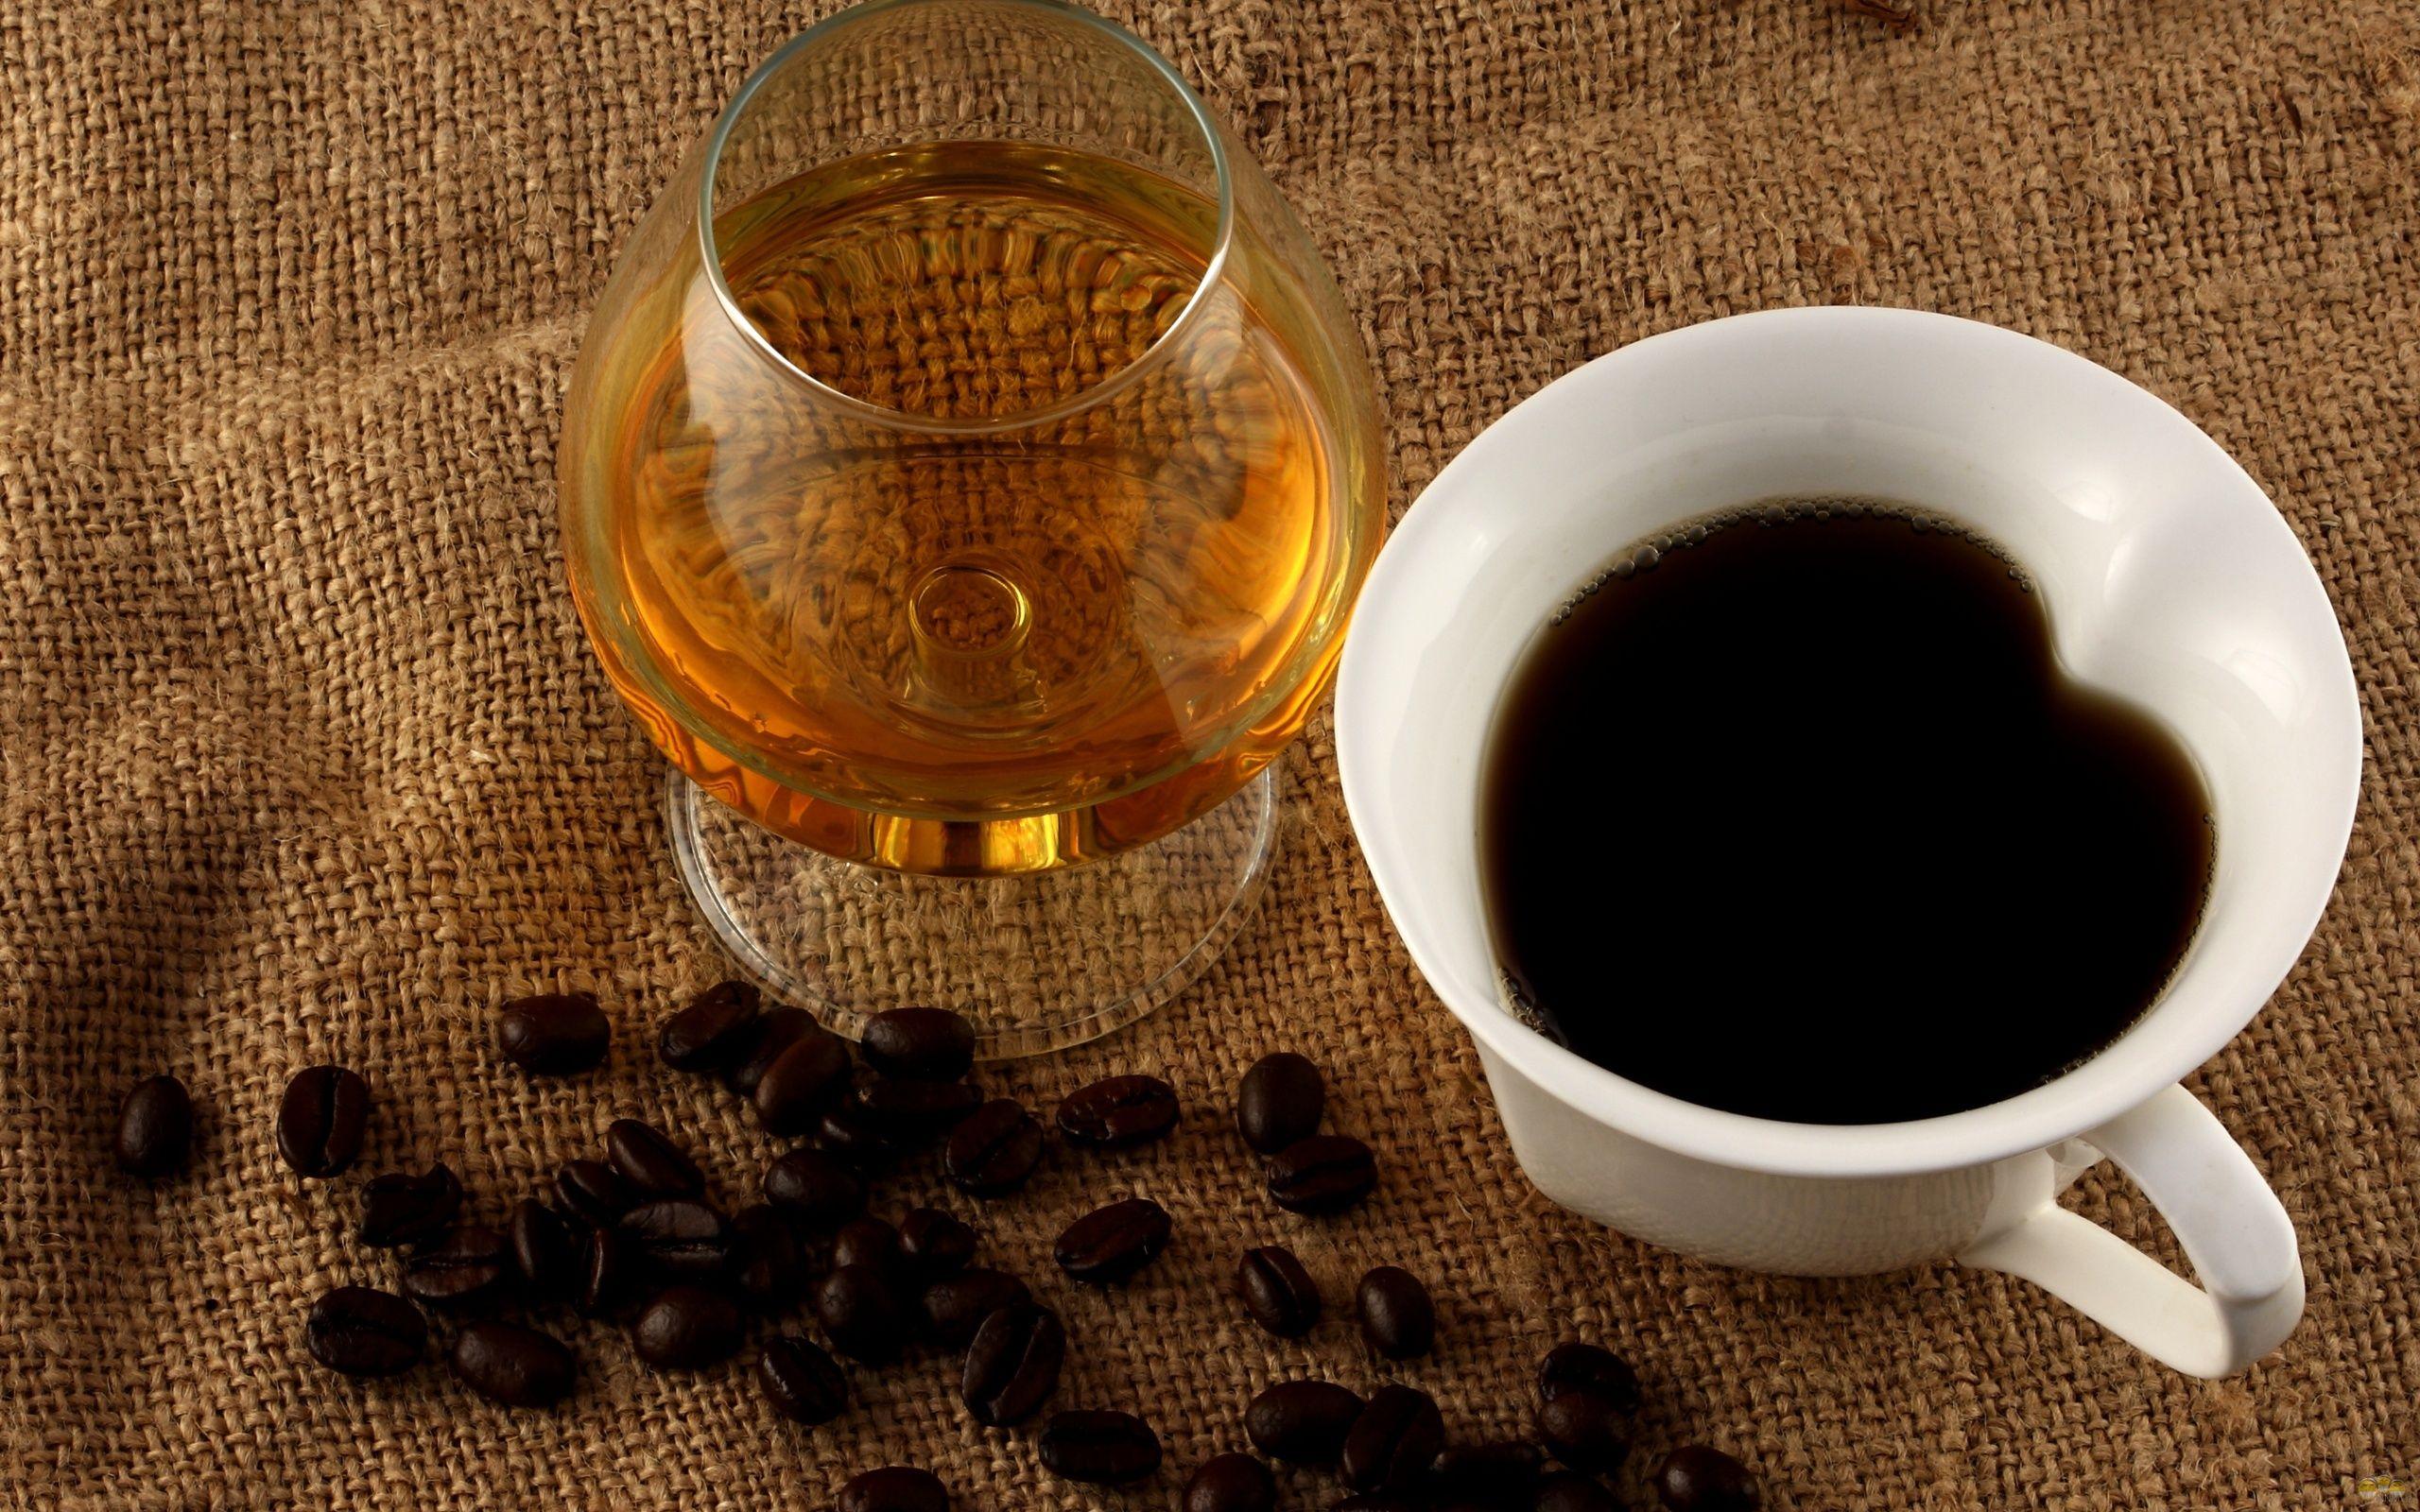 Фото: Кофе с коньяком не только вкусно, но и полезно?